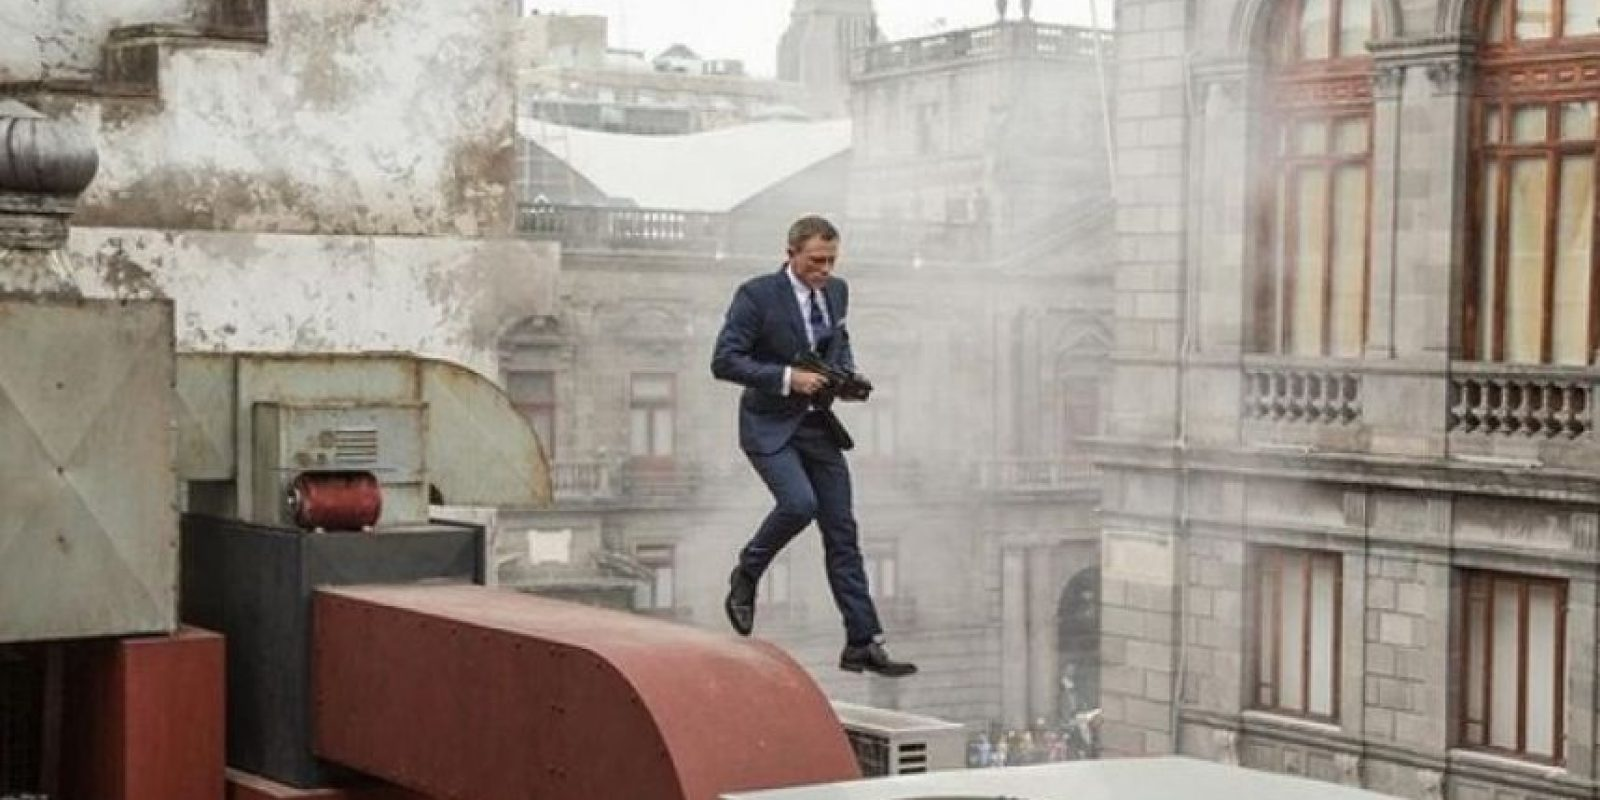 El filme cuenta con la participación de Daniel Caig, quien vuelve a interpretar al famoso agente secreto Foto:Twitter/007